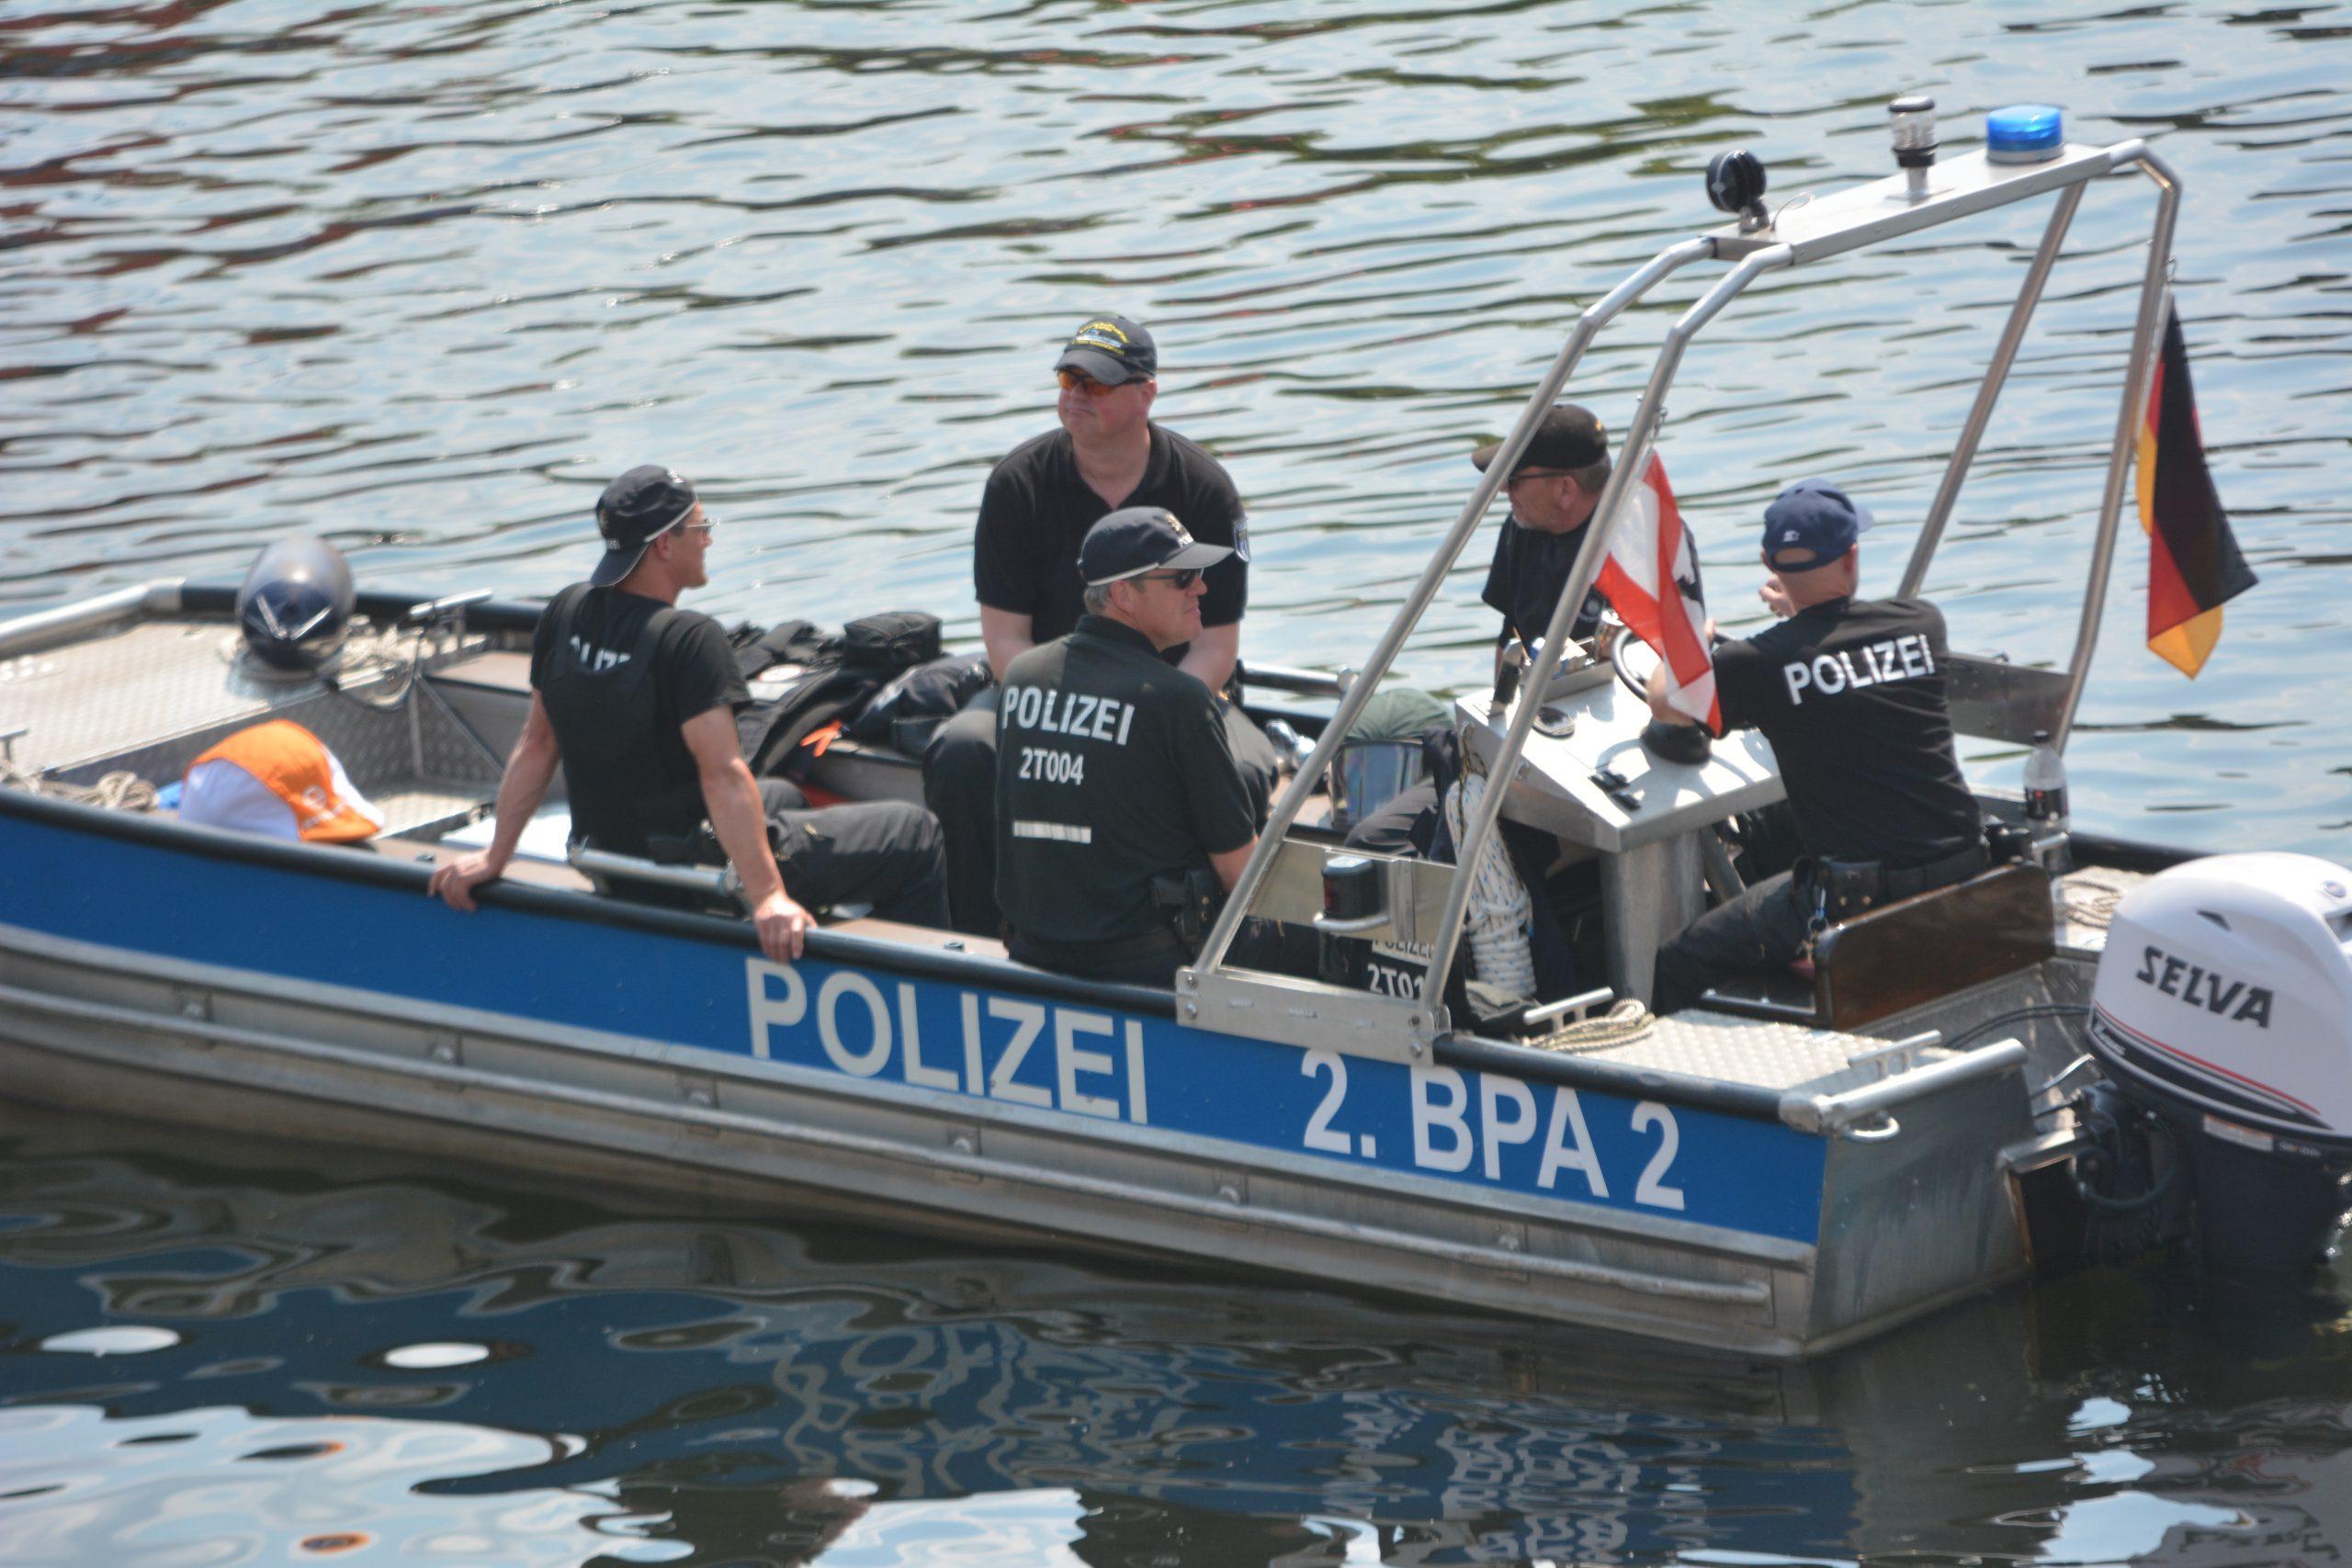 """kleines Motorboot mit 5 Cops drauf. es ist silber-blau, hat des Schriftzug """"Polizei 2. BPA 2"""